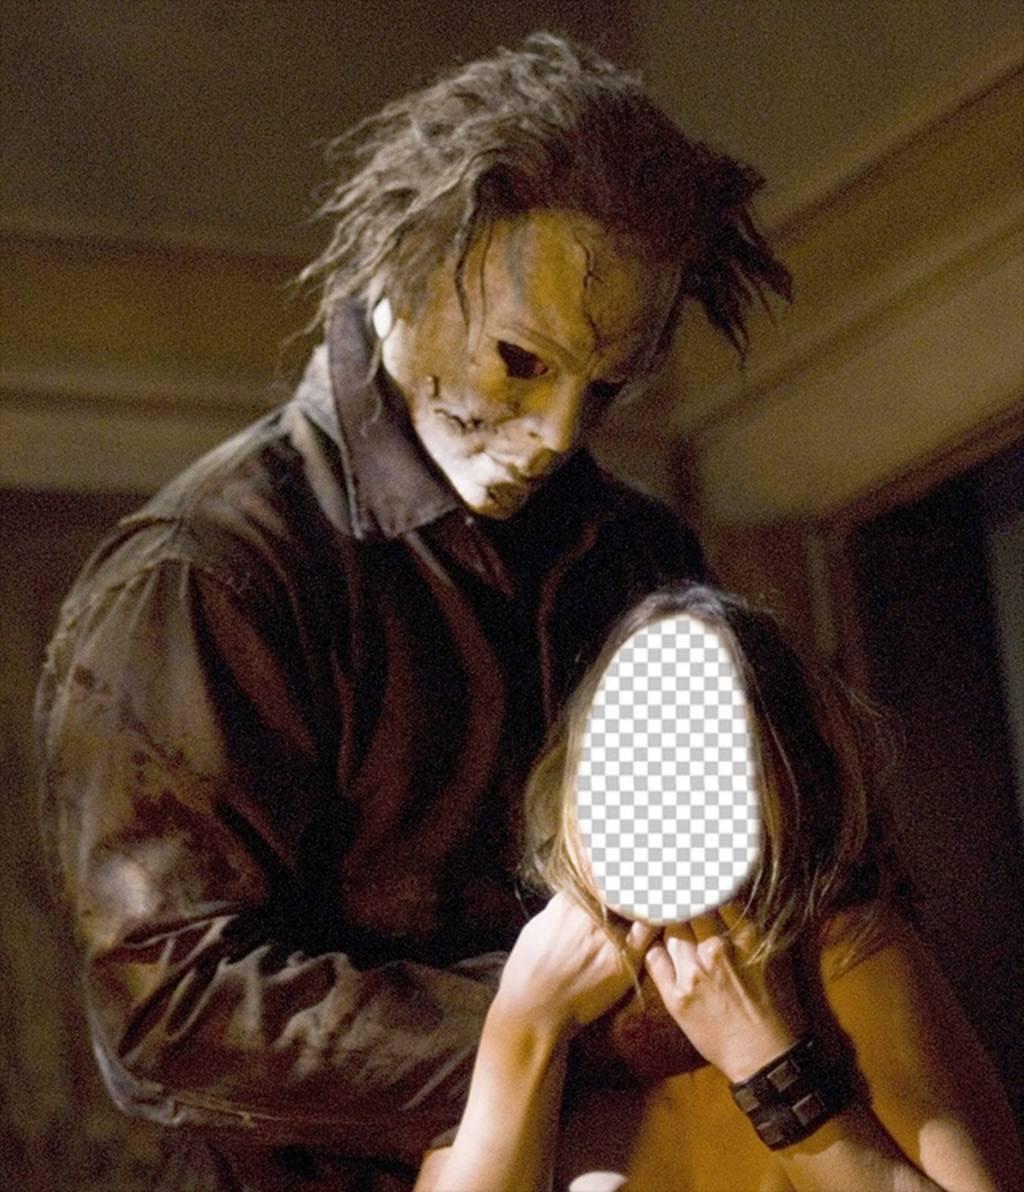 Fotomontage von Michael Myers aus dem Film Halloween Gesicht